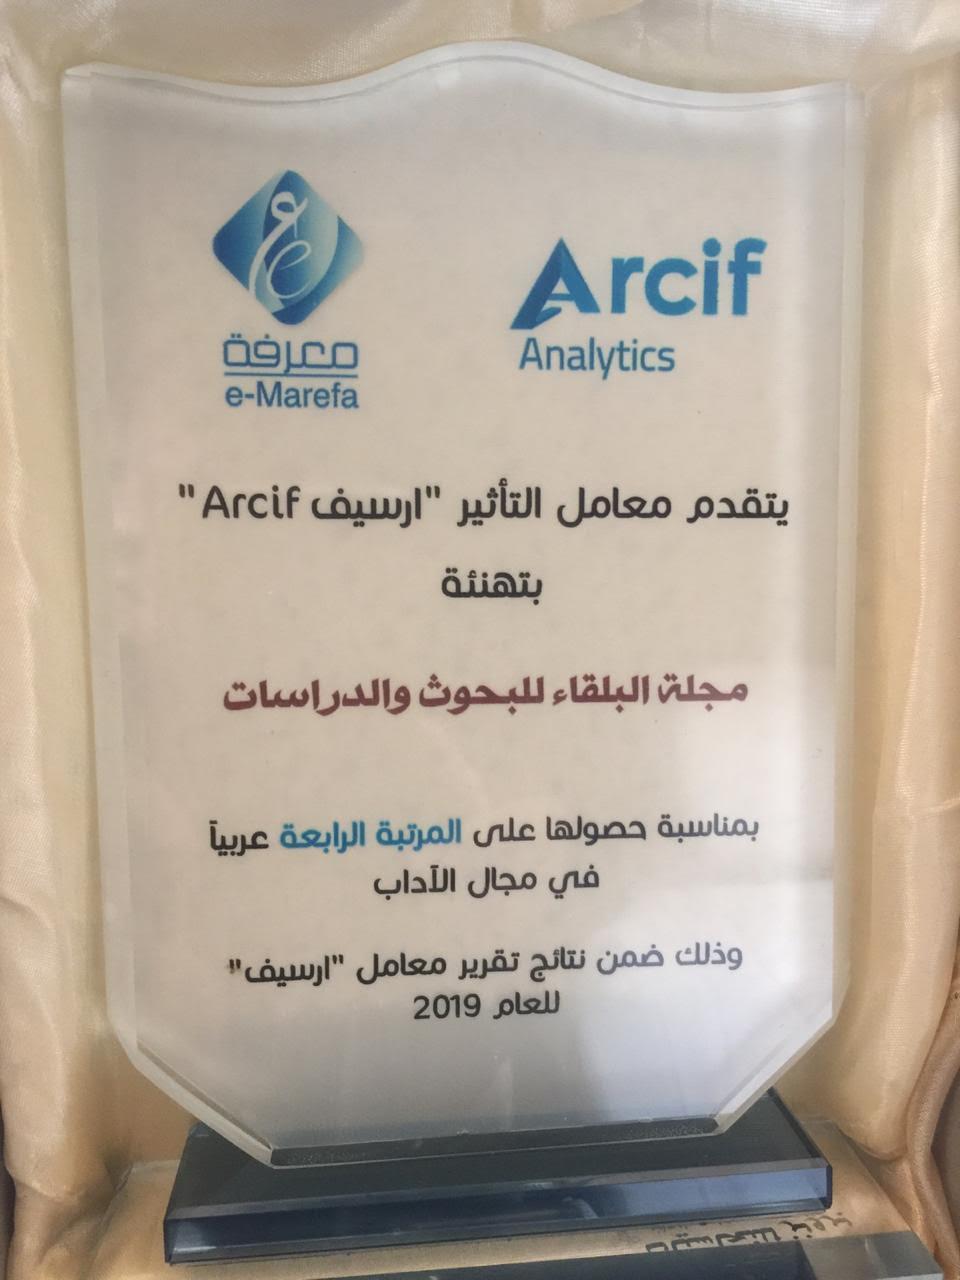 """في حفل معامل التأثير العربي """"أرسيف""""  .. تكريم مجلة البلقاء """"عمان الأهلية"""" لحصولها على المرتبة الرابعة عربياً والأولى على الجامعات الخاصة"""